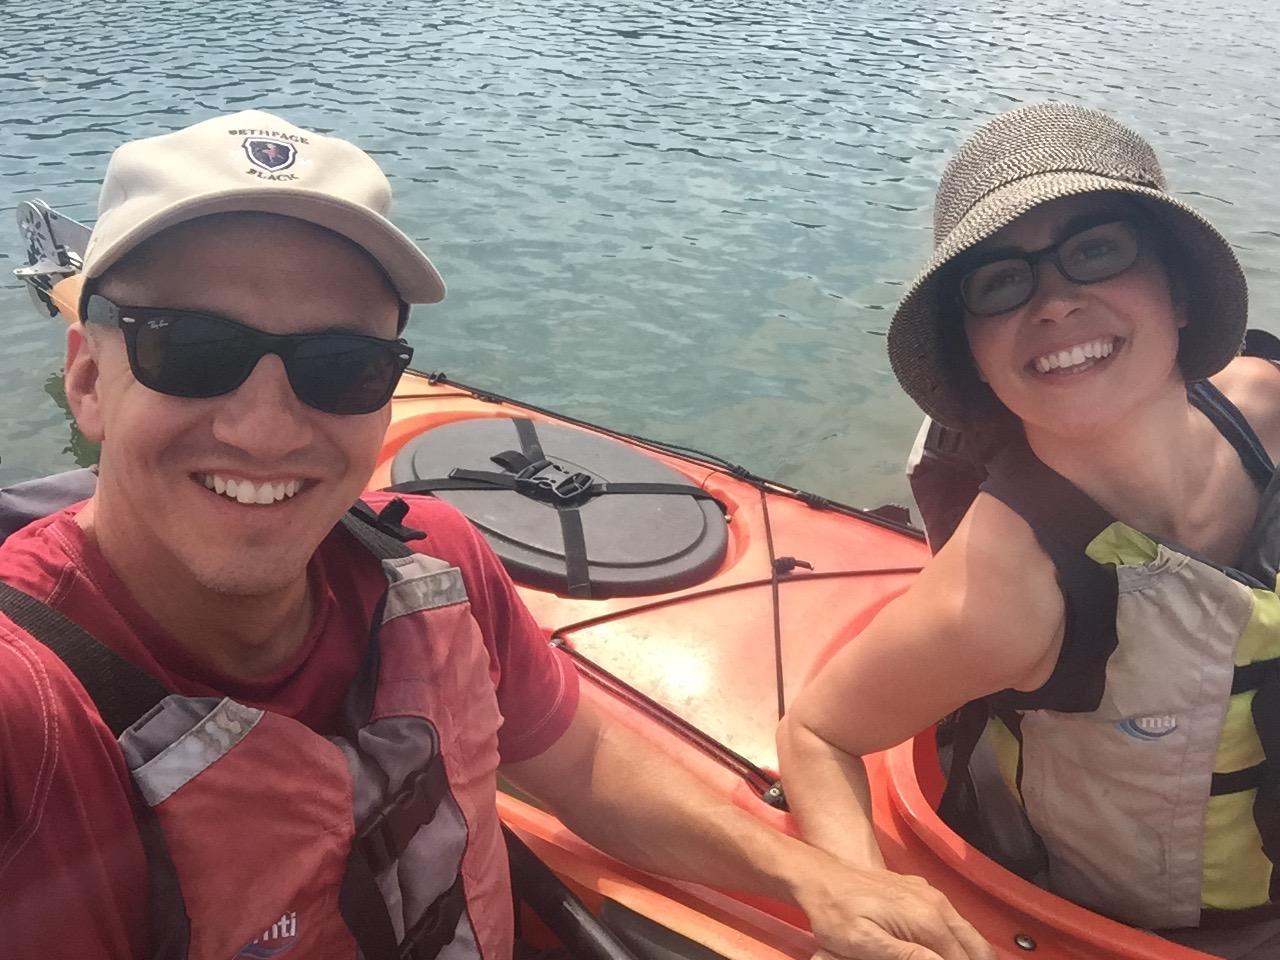 kayaking on Cape Cod, Massachusetts